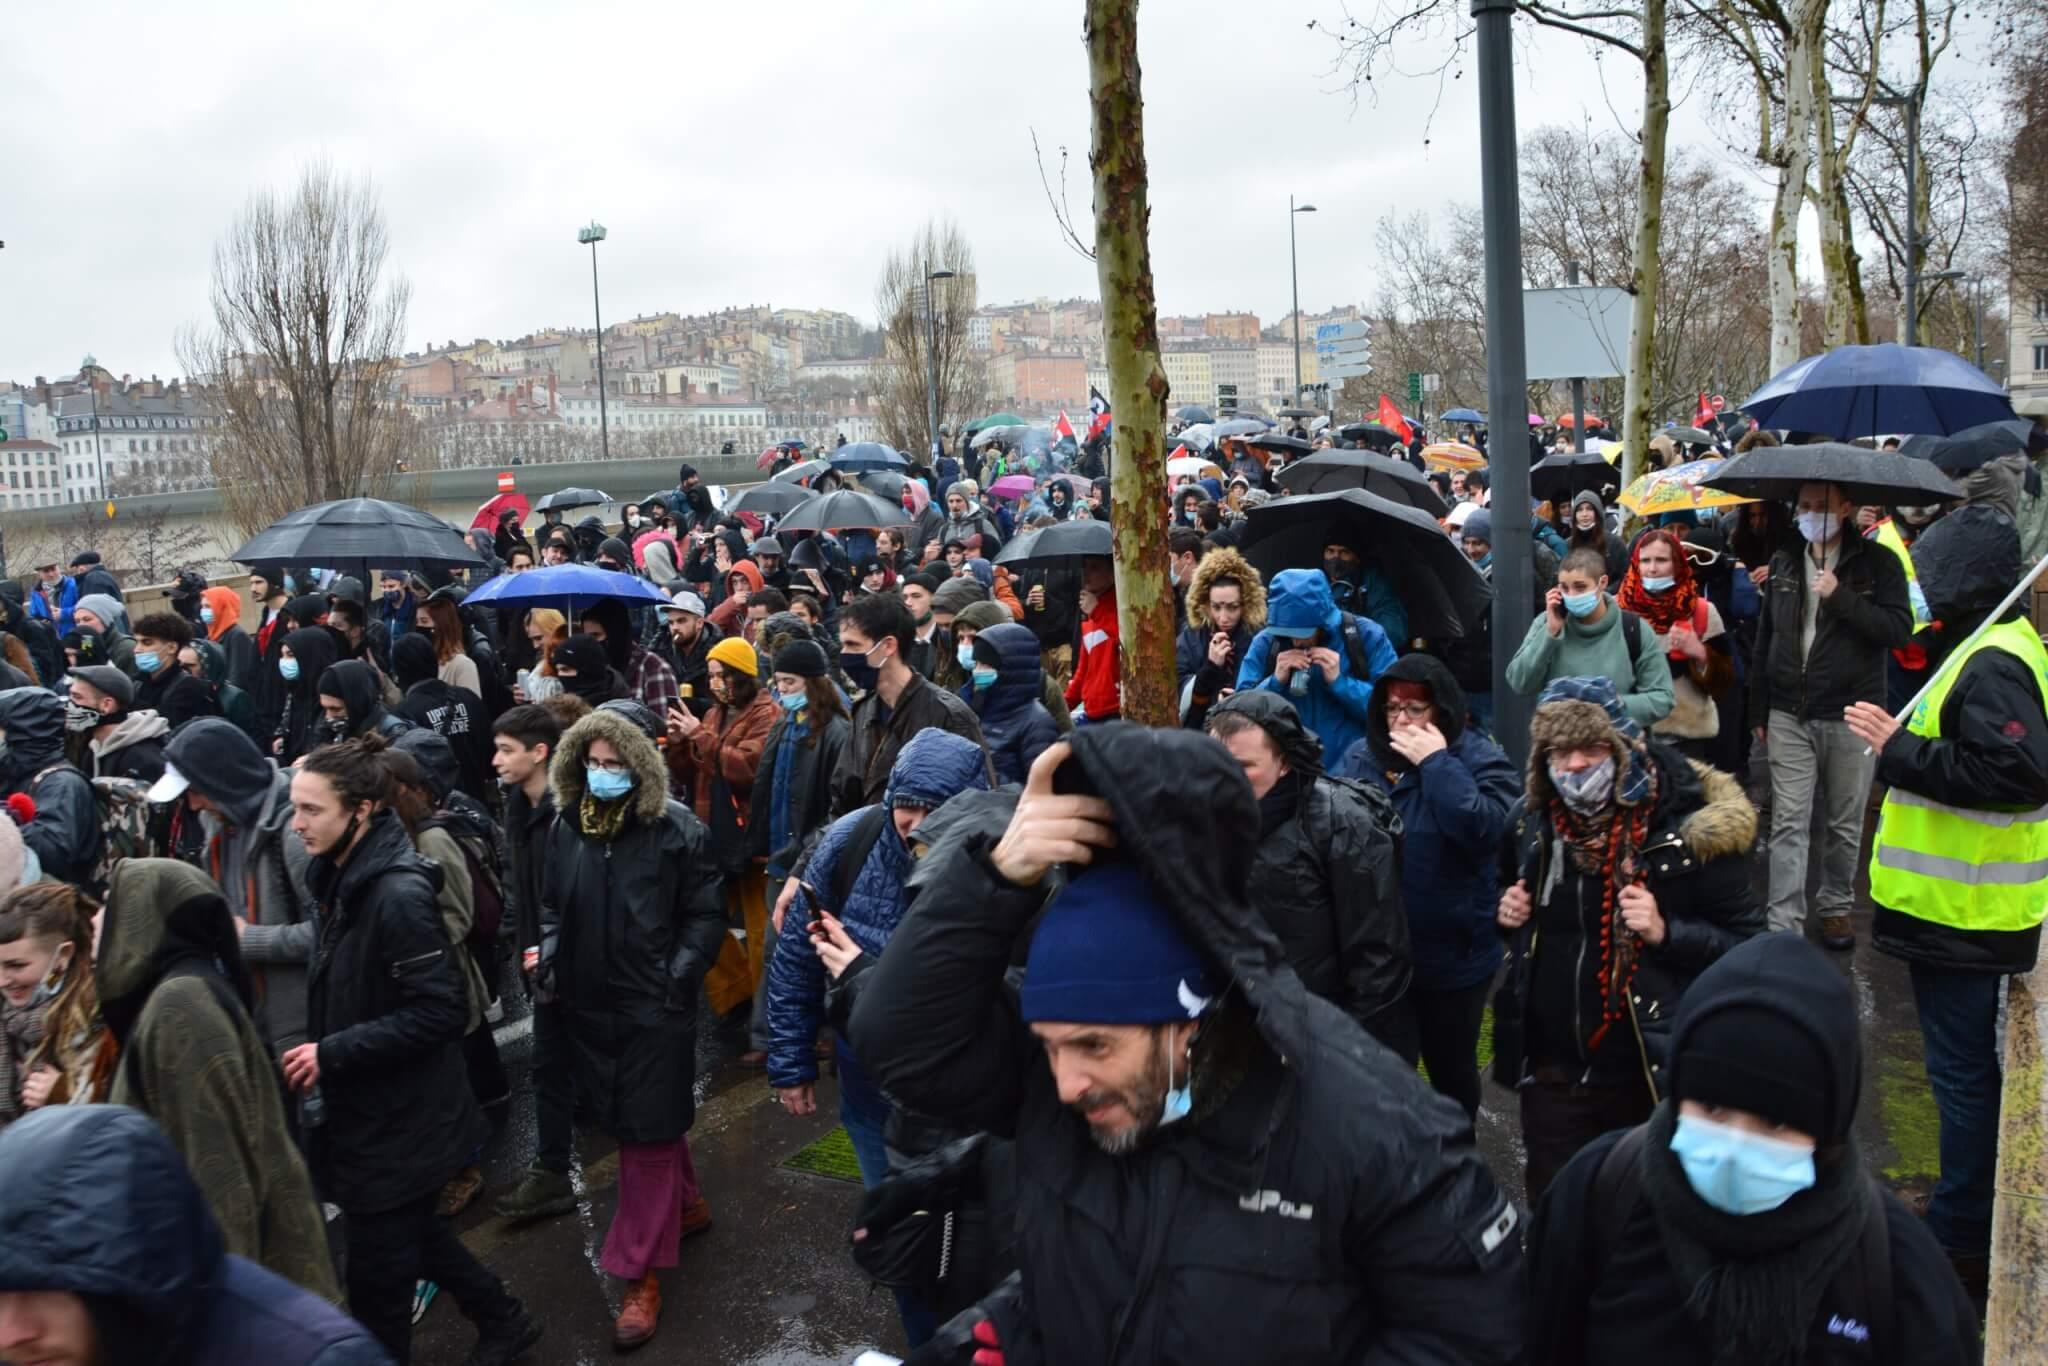 Après un départ le 16 janvier de Villeurbanne, la Marche des libertés est repartie de la place Lyautey (Lyon 6ème) ©PL/Rue89Lyon